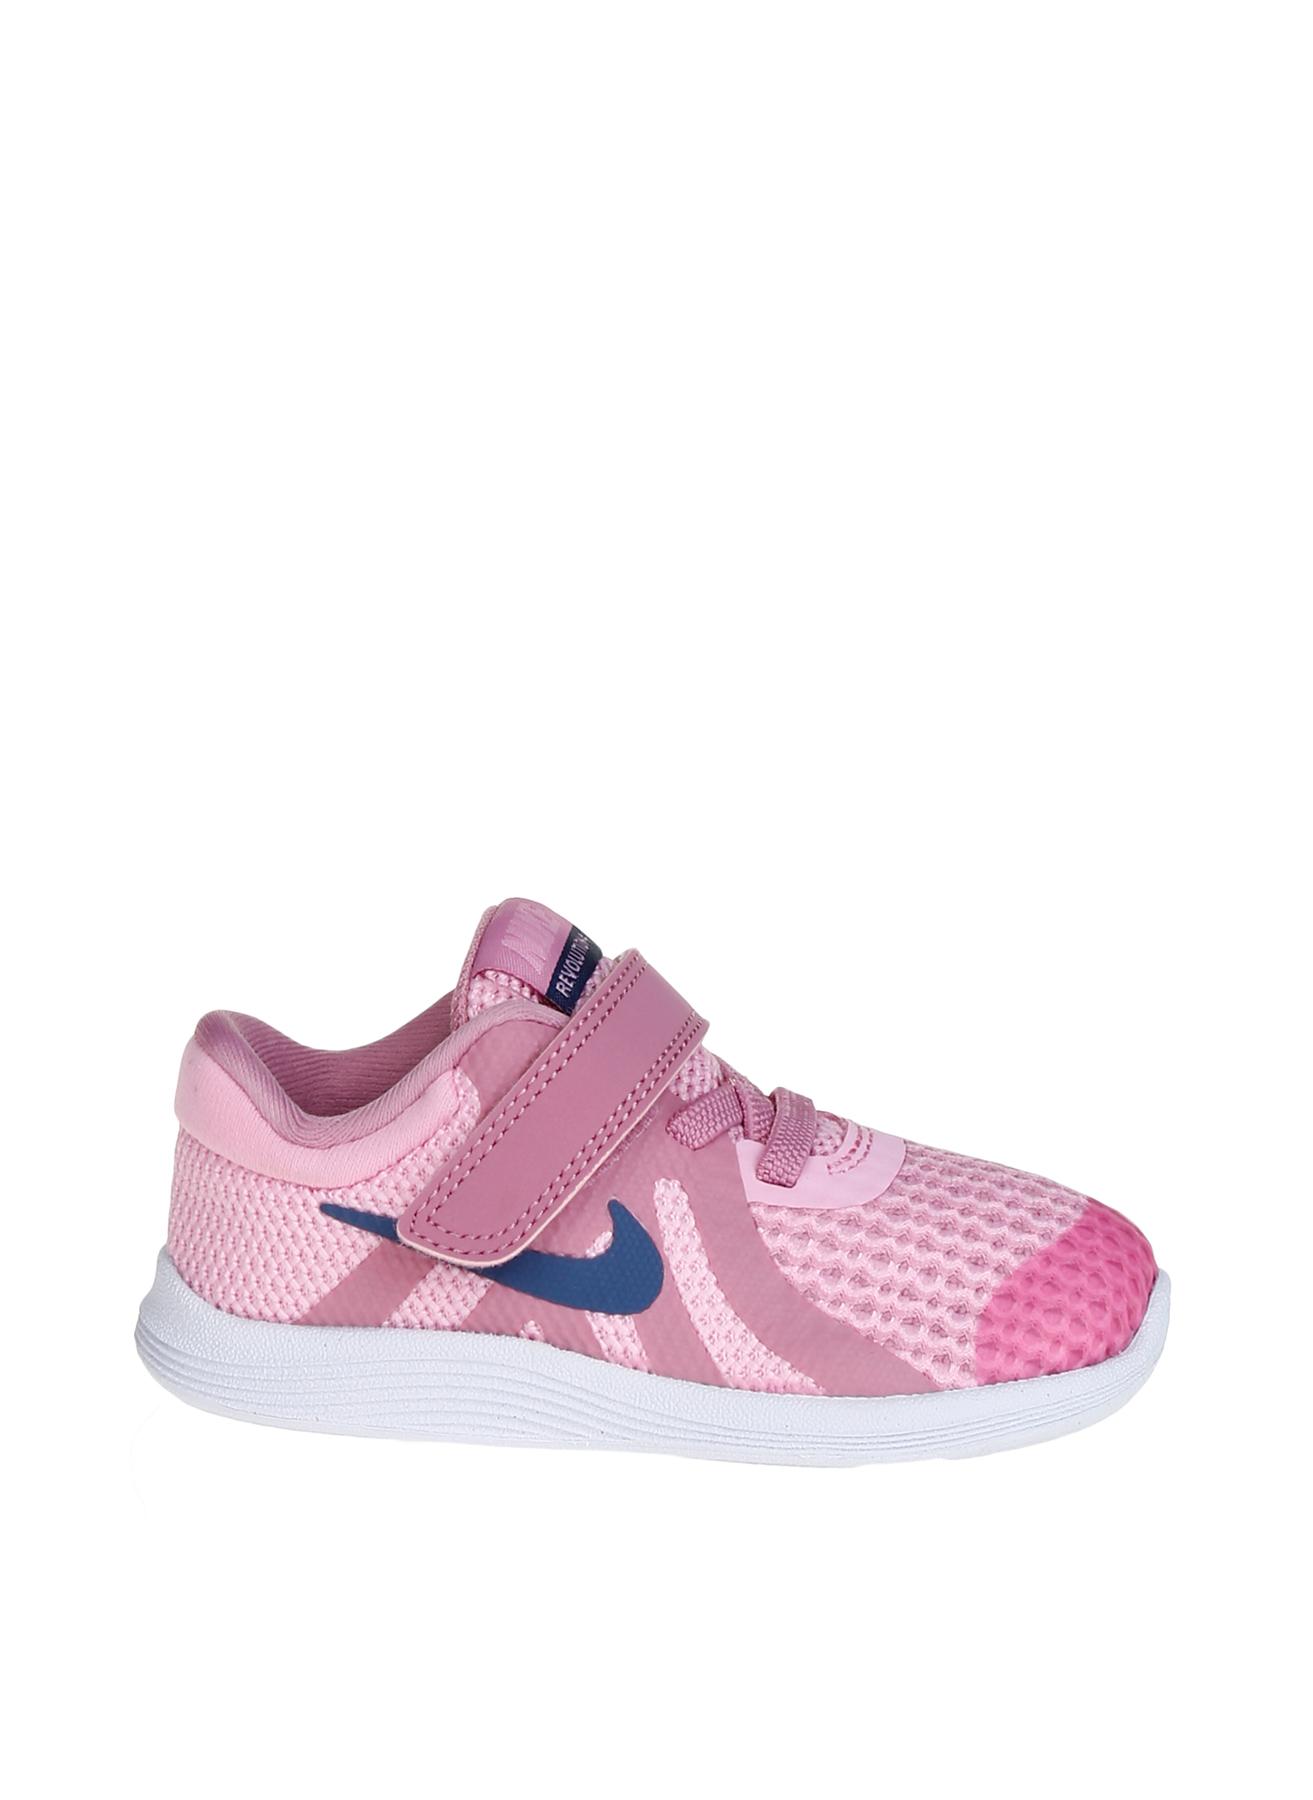 Nike Yürüyüş Ayakkabısı 25 5001635422004 Ürün Resmi